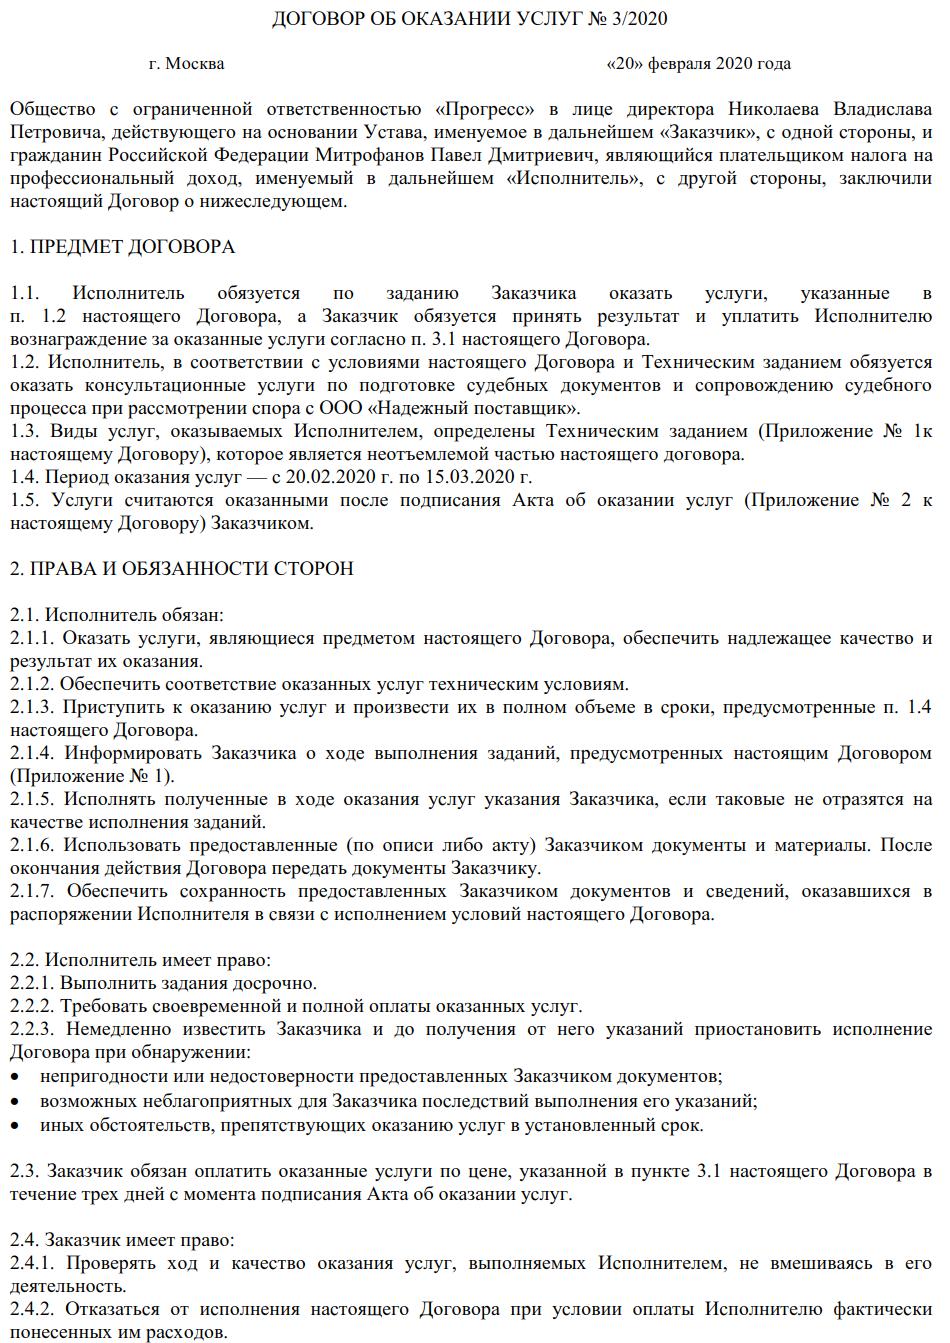 /fls/85293/dogovor-s-samozanyatym-licom-obrazec-1.png